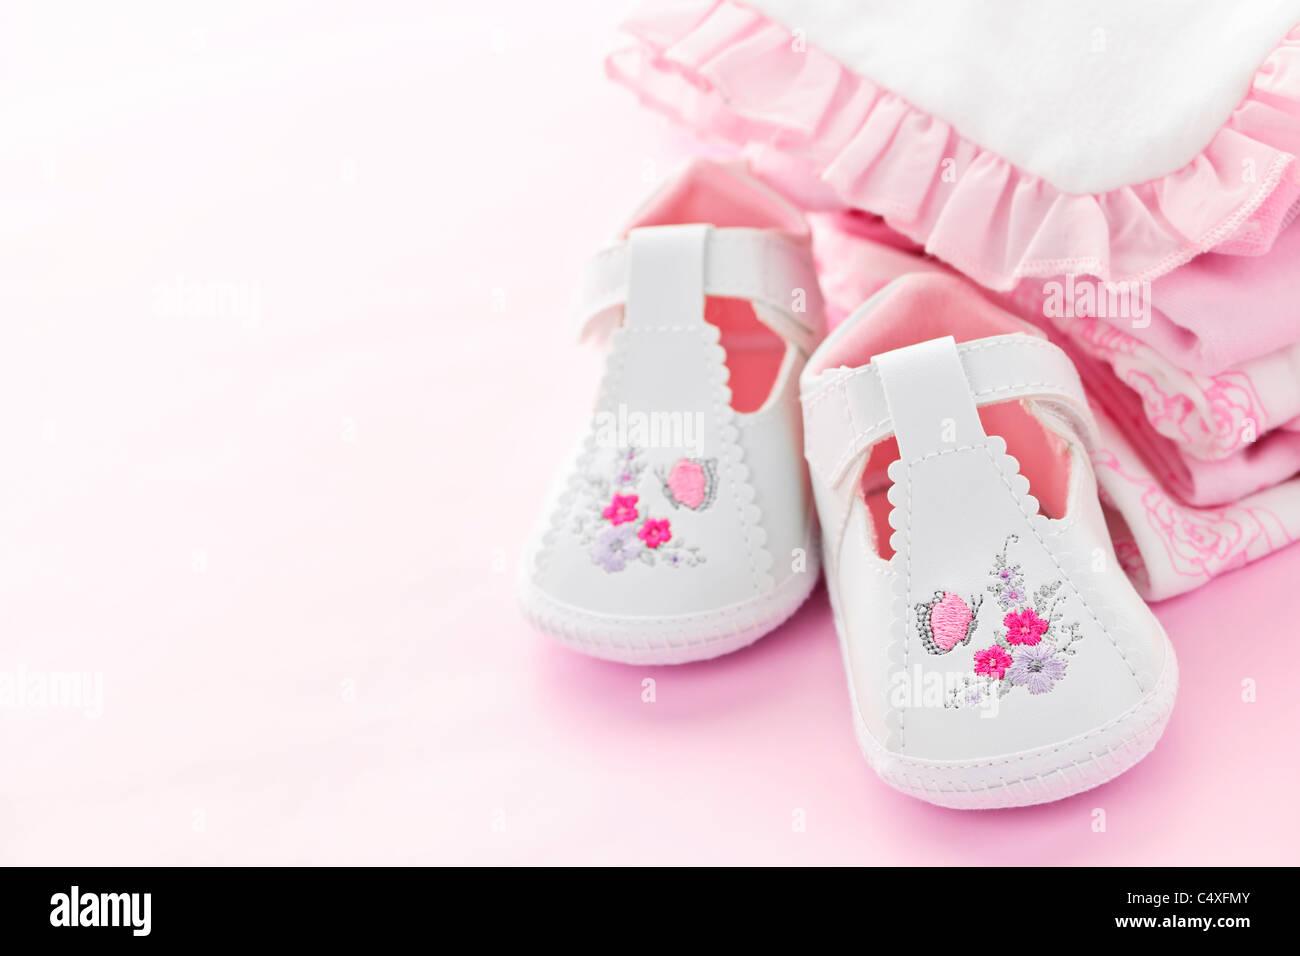 f6cabf24b62b8 Bébé fille vêtements et chaussures pour la douche de bébé sur fond rose